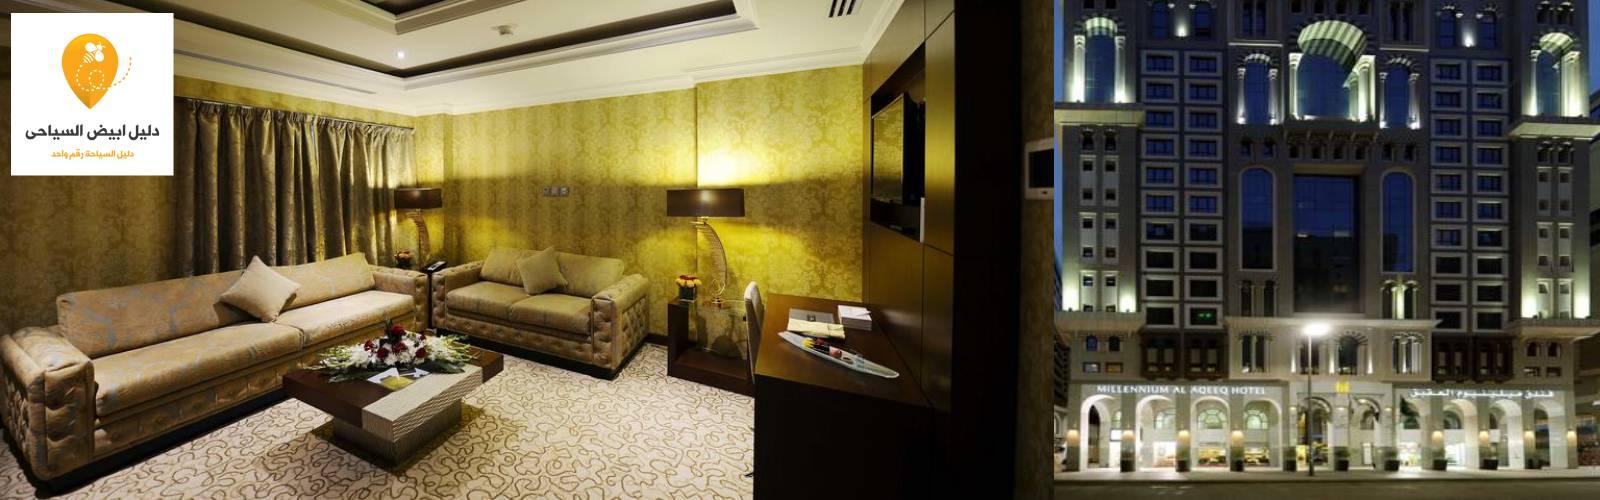 أفضل 5 فنادق للعرسان فى المدينة المنورة وأسعار الغرف